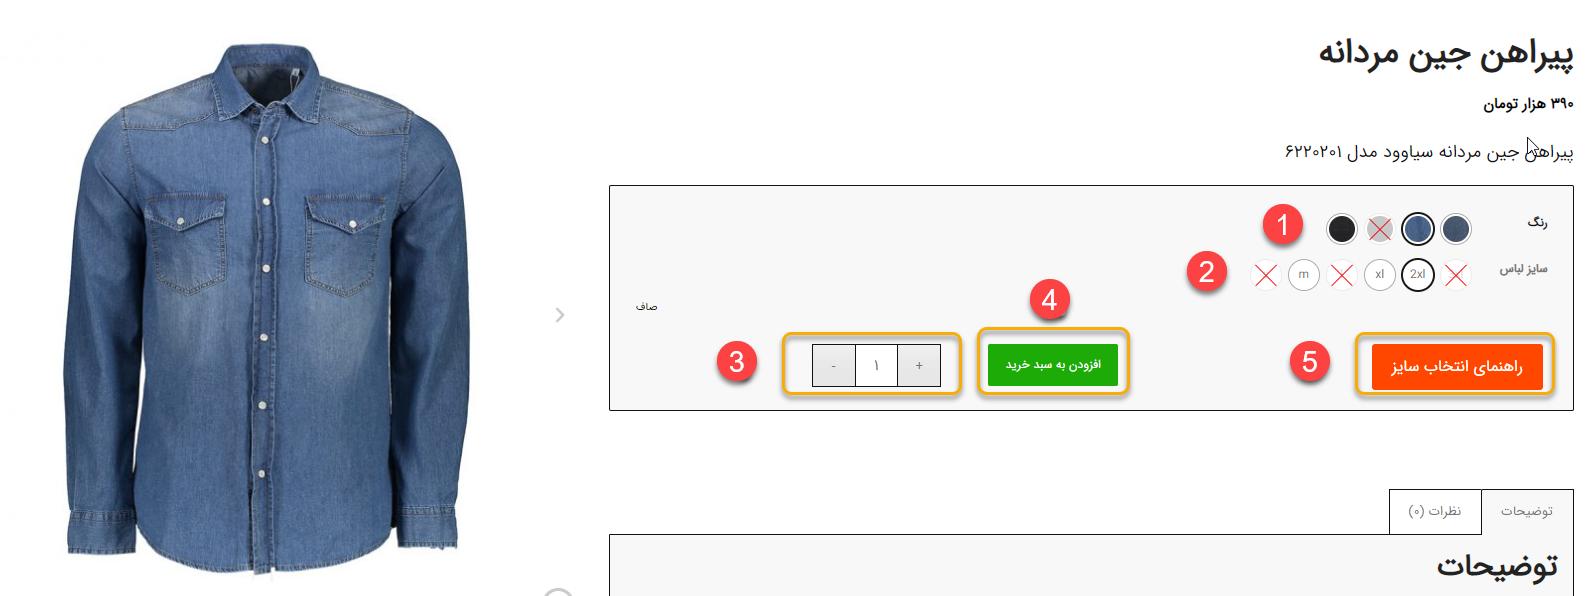 راهنمای خرید آنلاین از سایت سیاوود